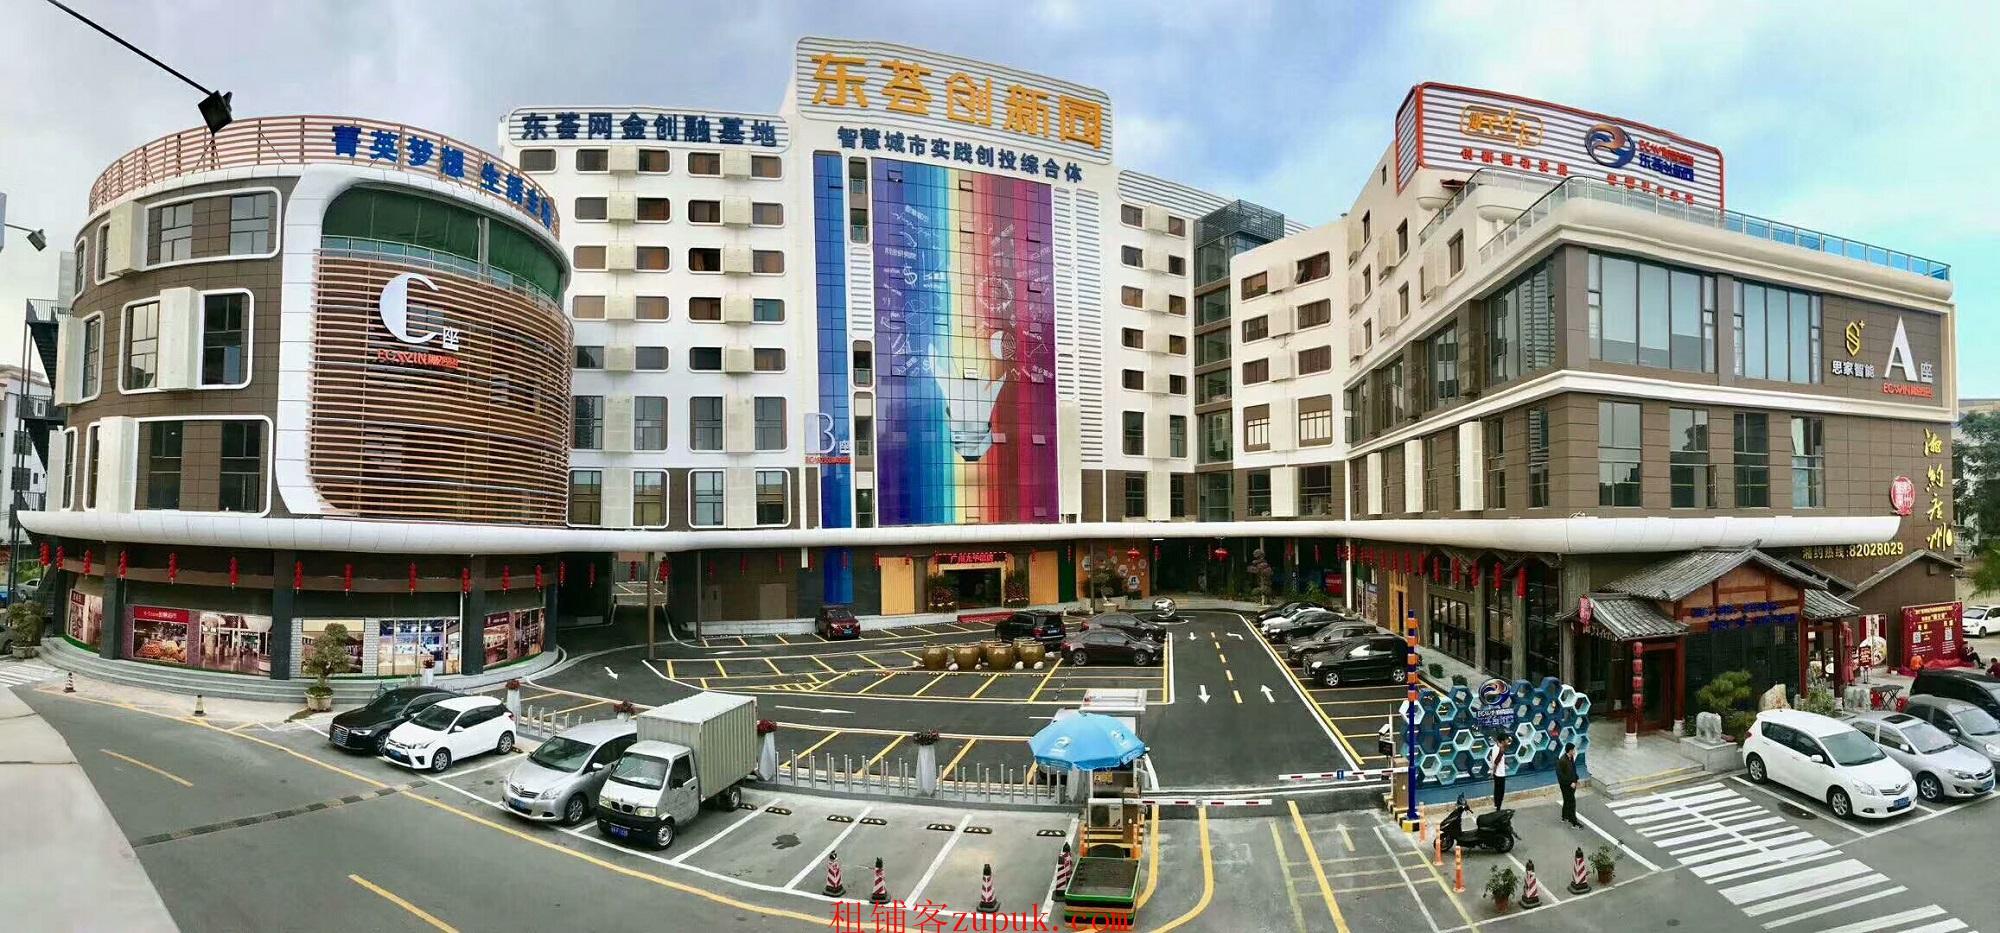 番禺广场创意园办公室出租 地铁口附近